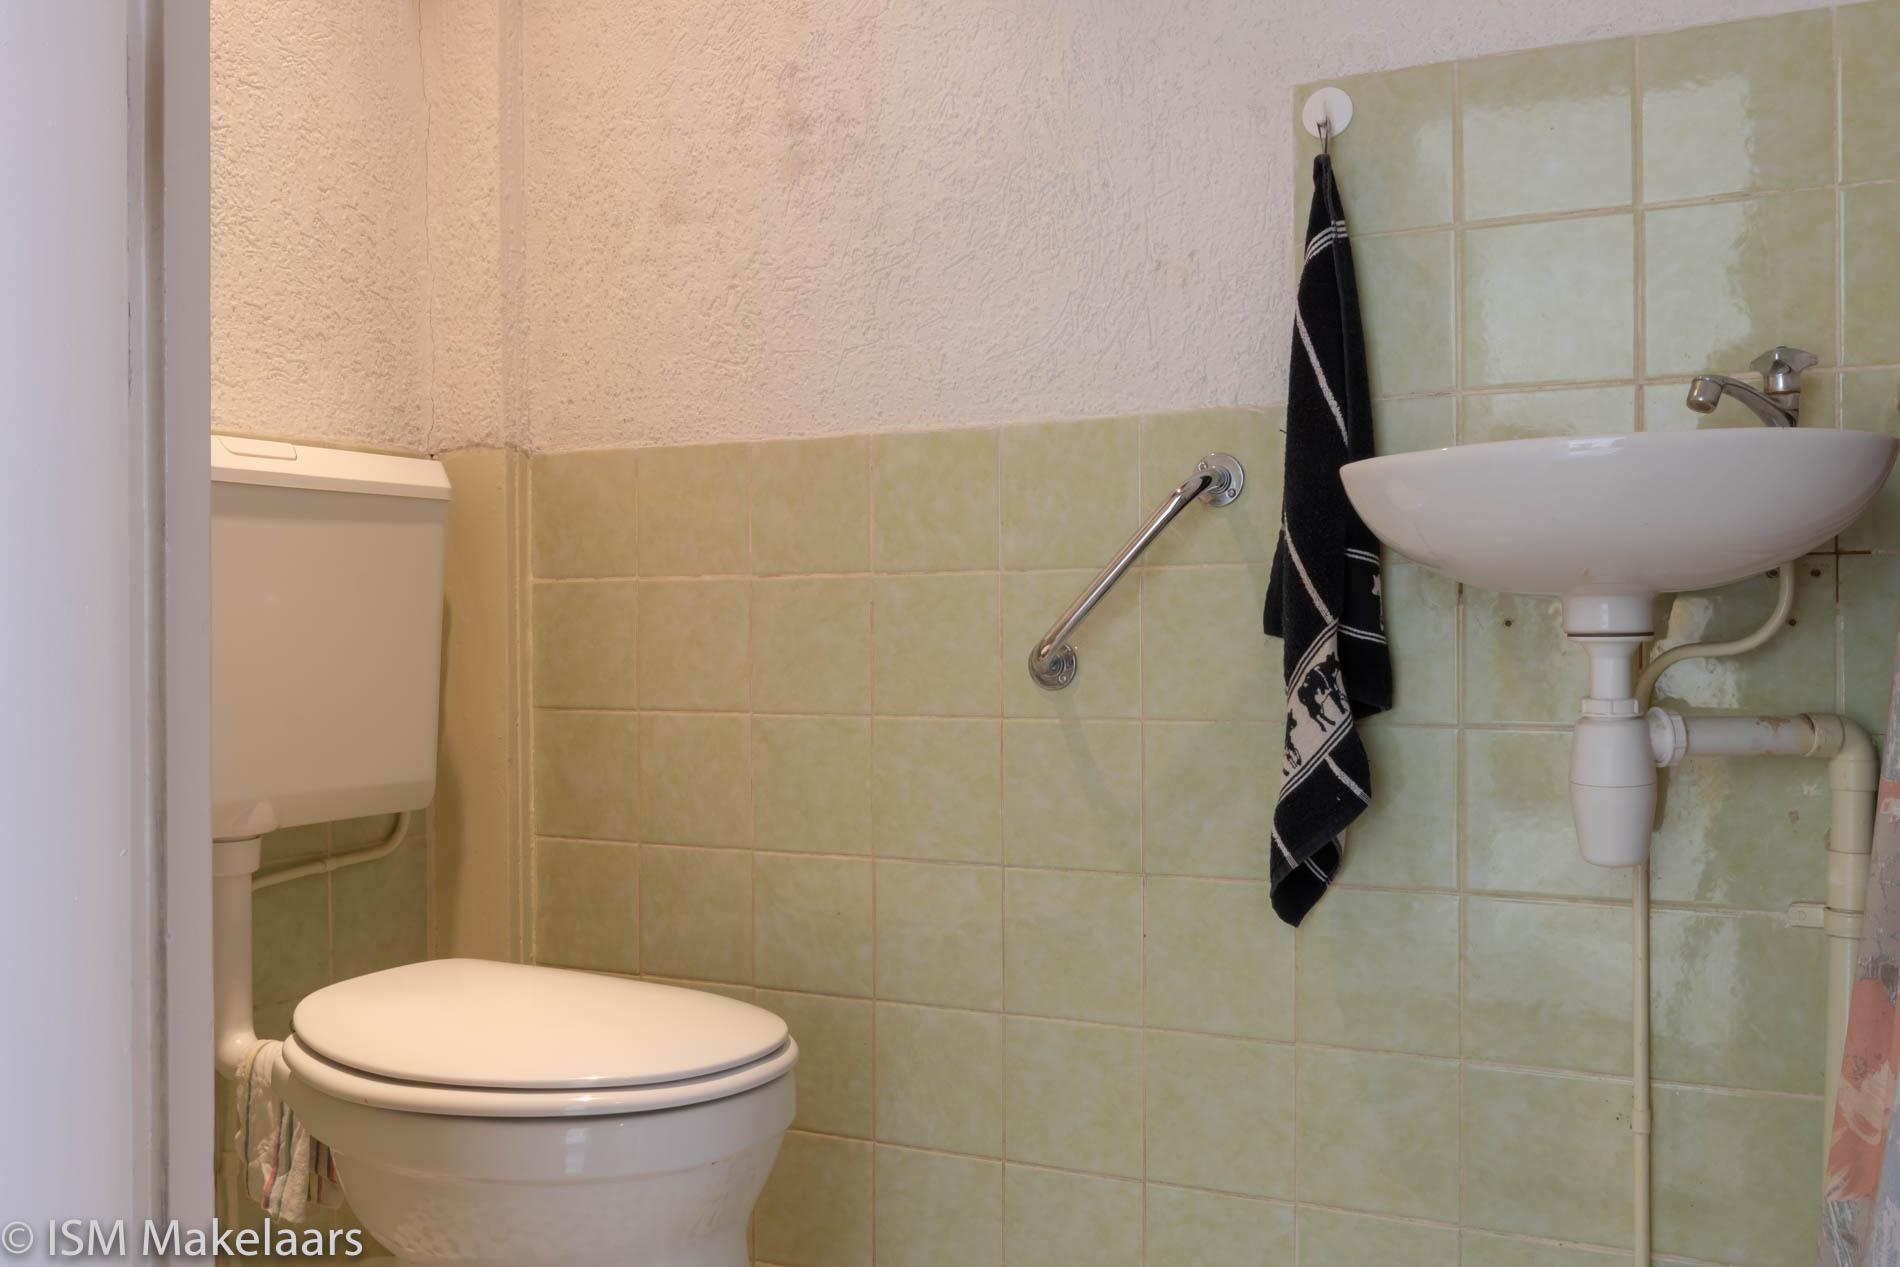 toiletruimte W vd Veldelaan 28 Vlissingen ism makelaars